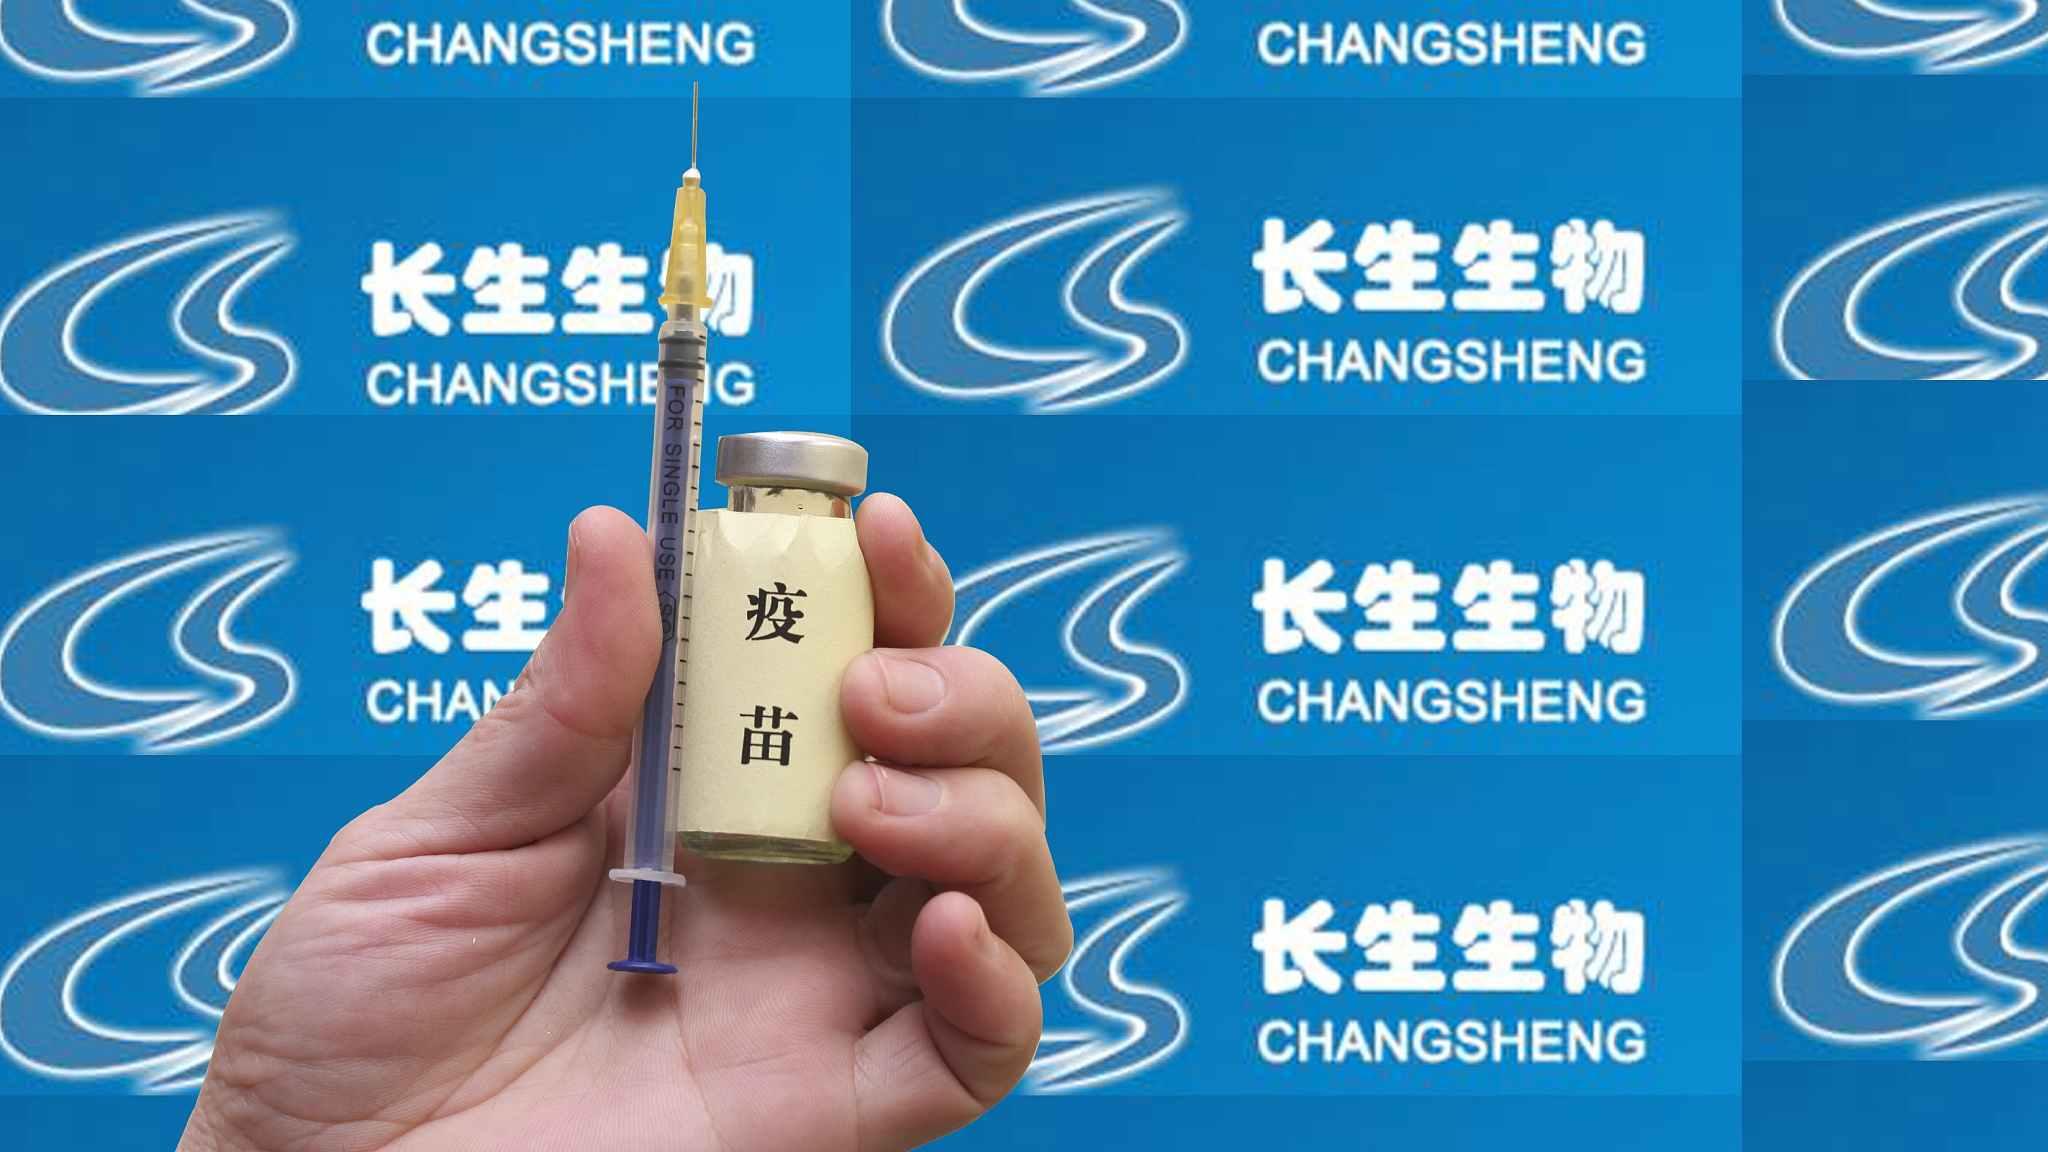 Chinese vaccine maker punished after drug safety scandal